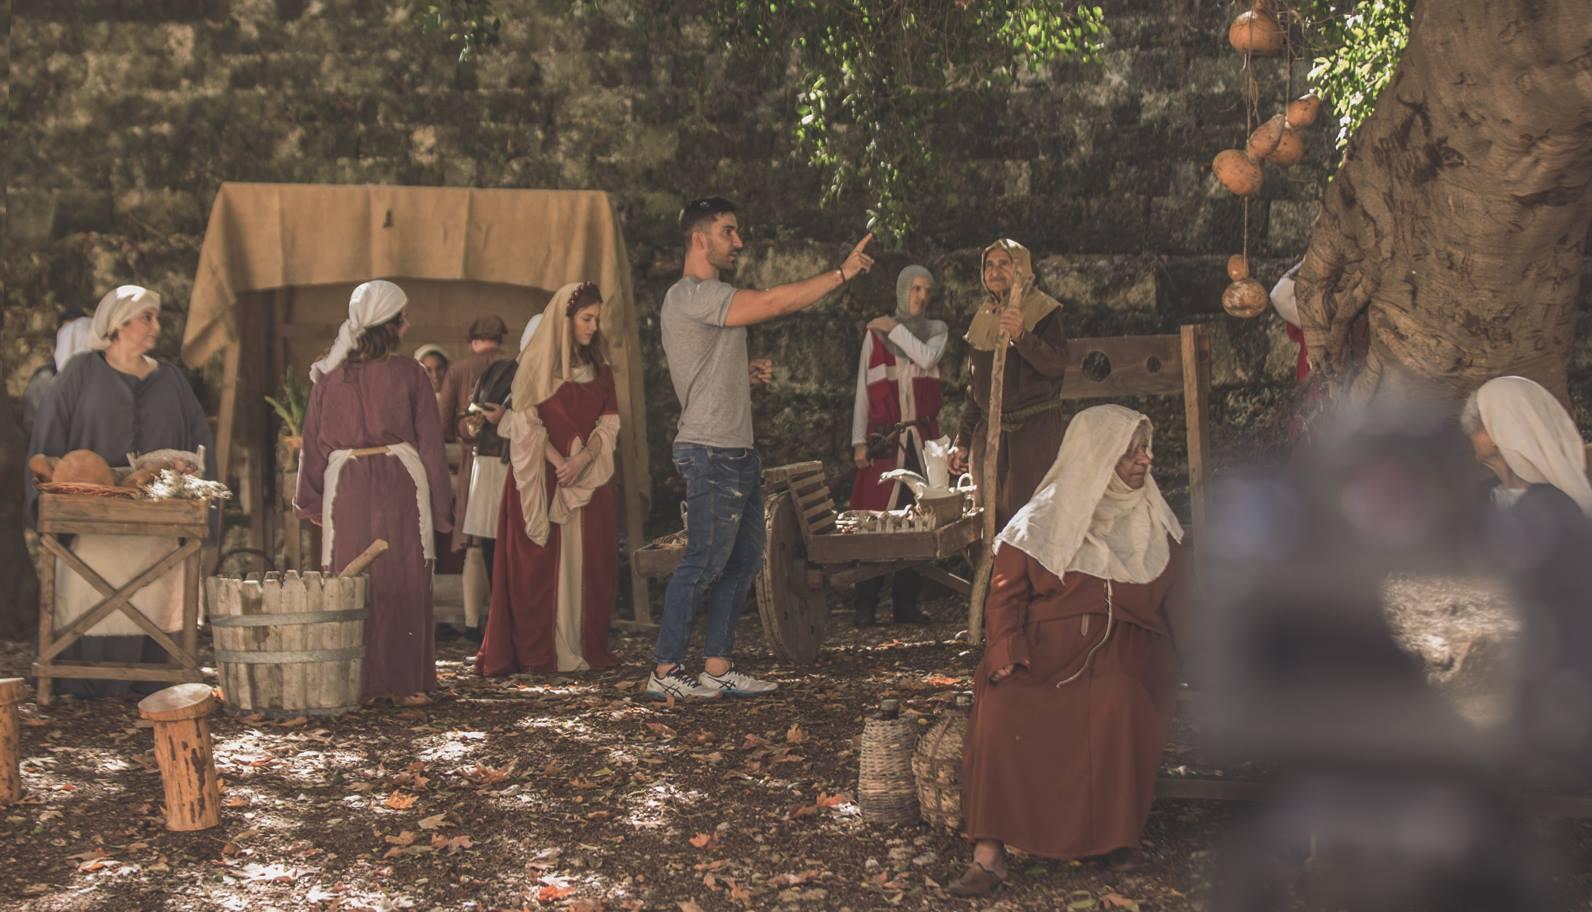 """Θα σε δώ στην Χαλκίδα, """"Θα σε δώ στην Χαλκίδα"""", η επίσημη καμπάνια του Δήμου Χαλκιδέων – Ο Δημιουργός του βίντεο Νίκος Πάνου μιλά αποκλειστικά στο eviathema.gr, Eviathema.gr   Εύβοια Τοπ Νέα Ειδήσεις"""